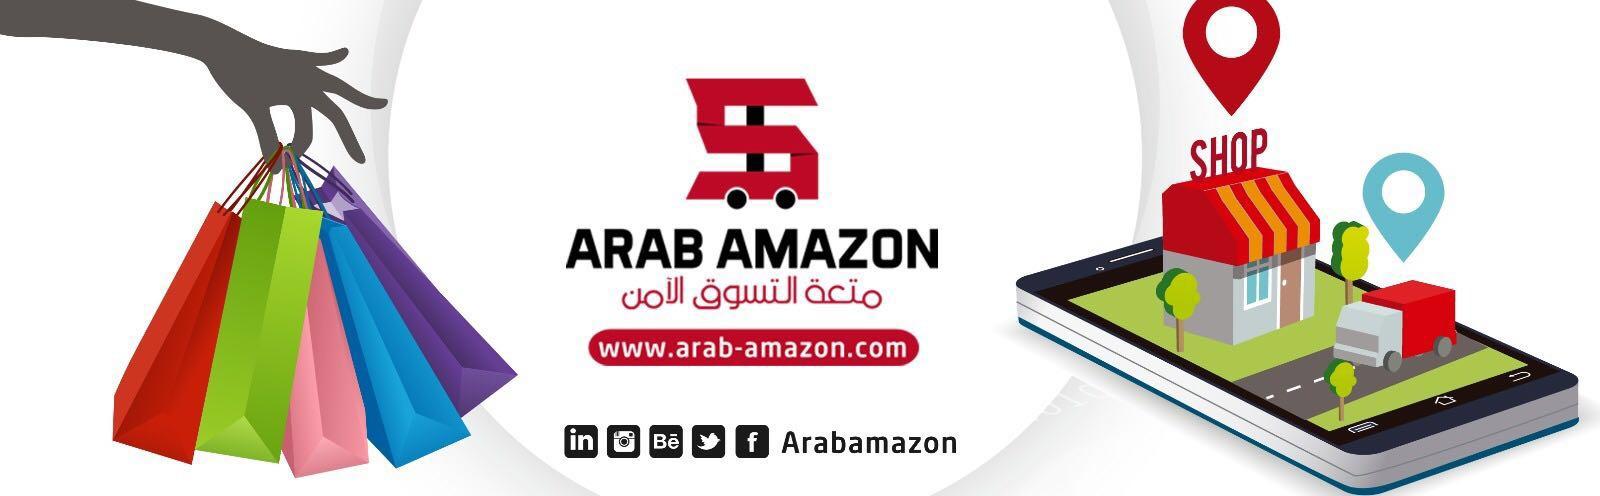 متجر امازون العرب